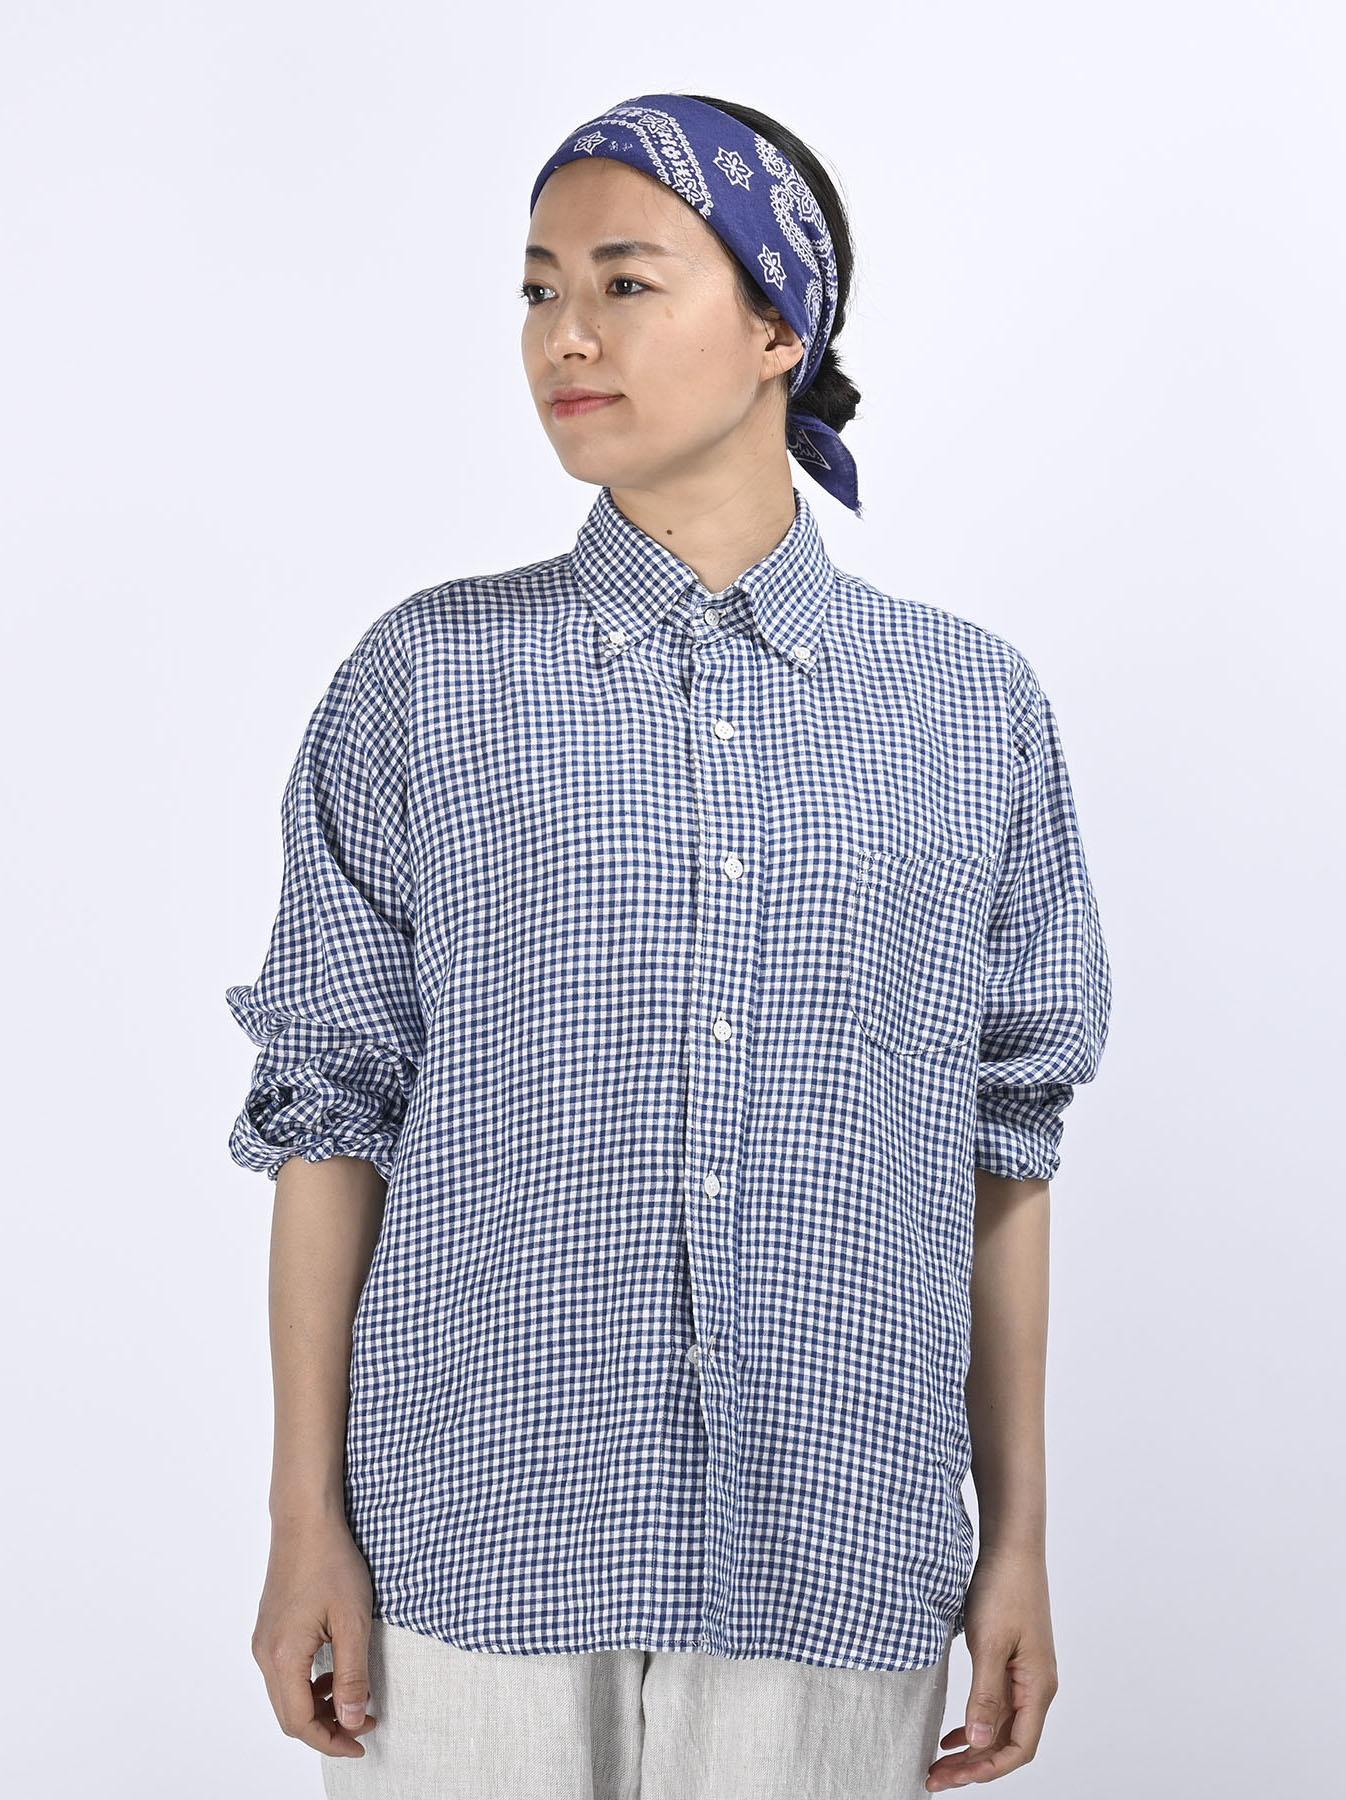 Indian Linen Flat 908 Ocean Shirt (0521)-3